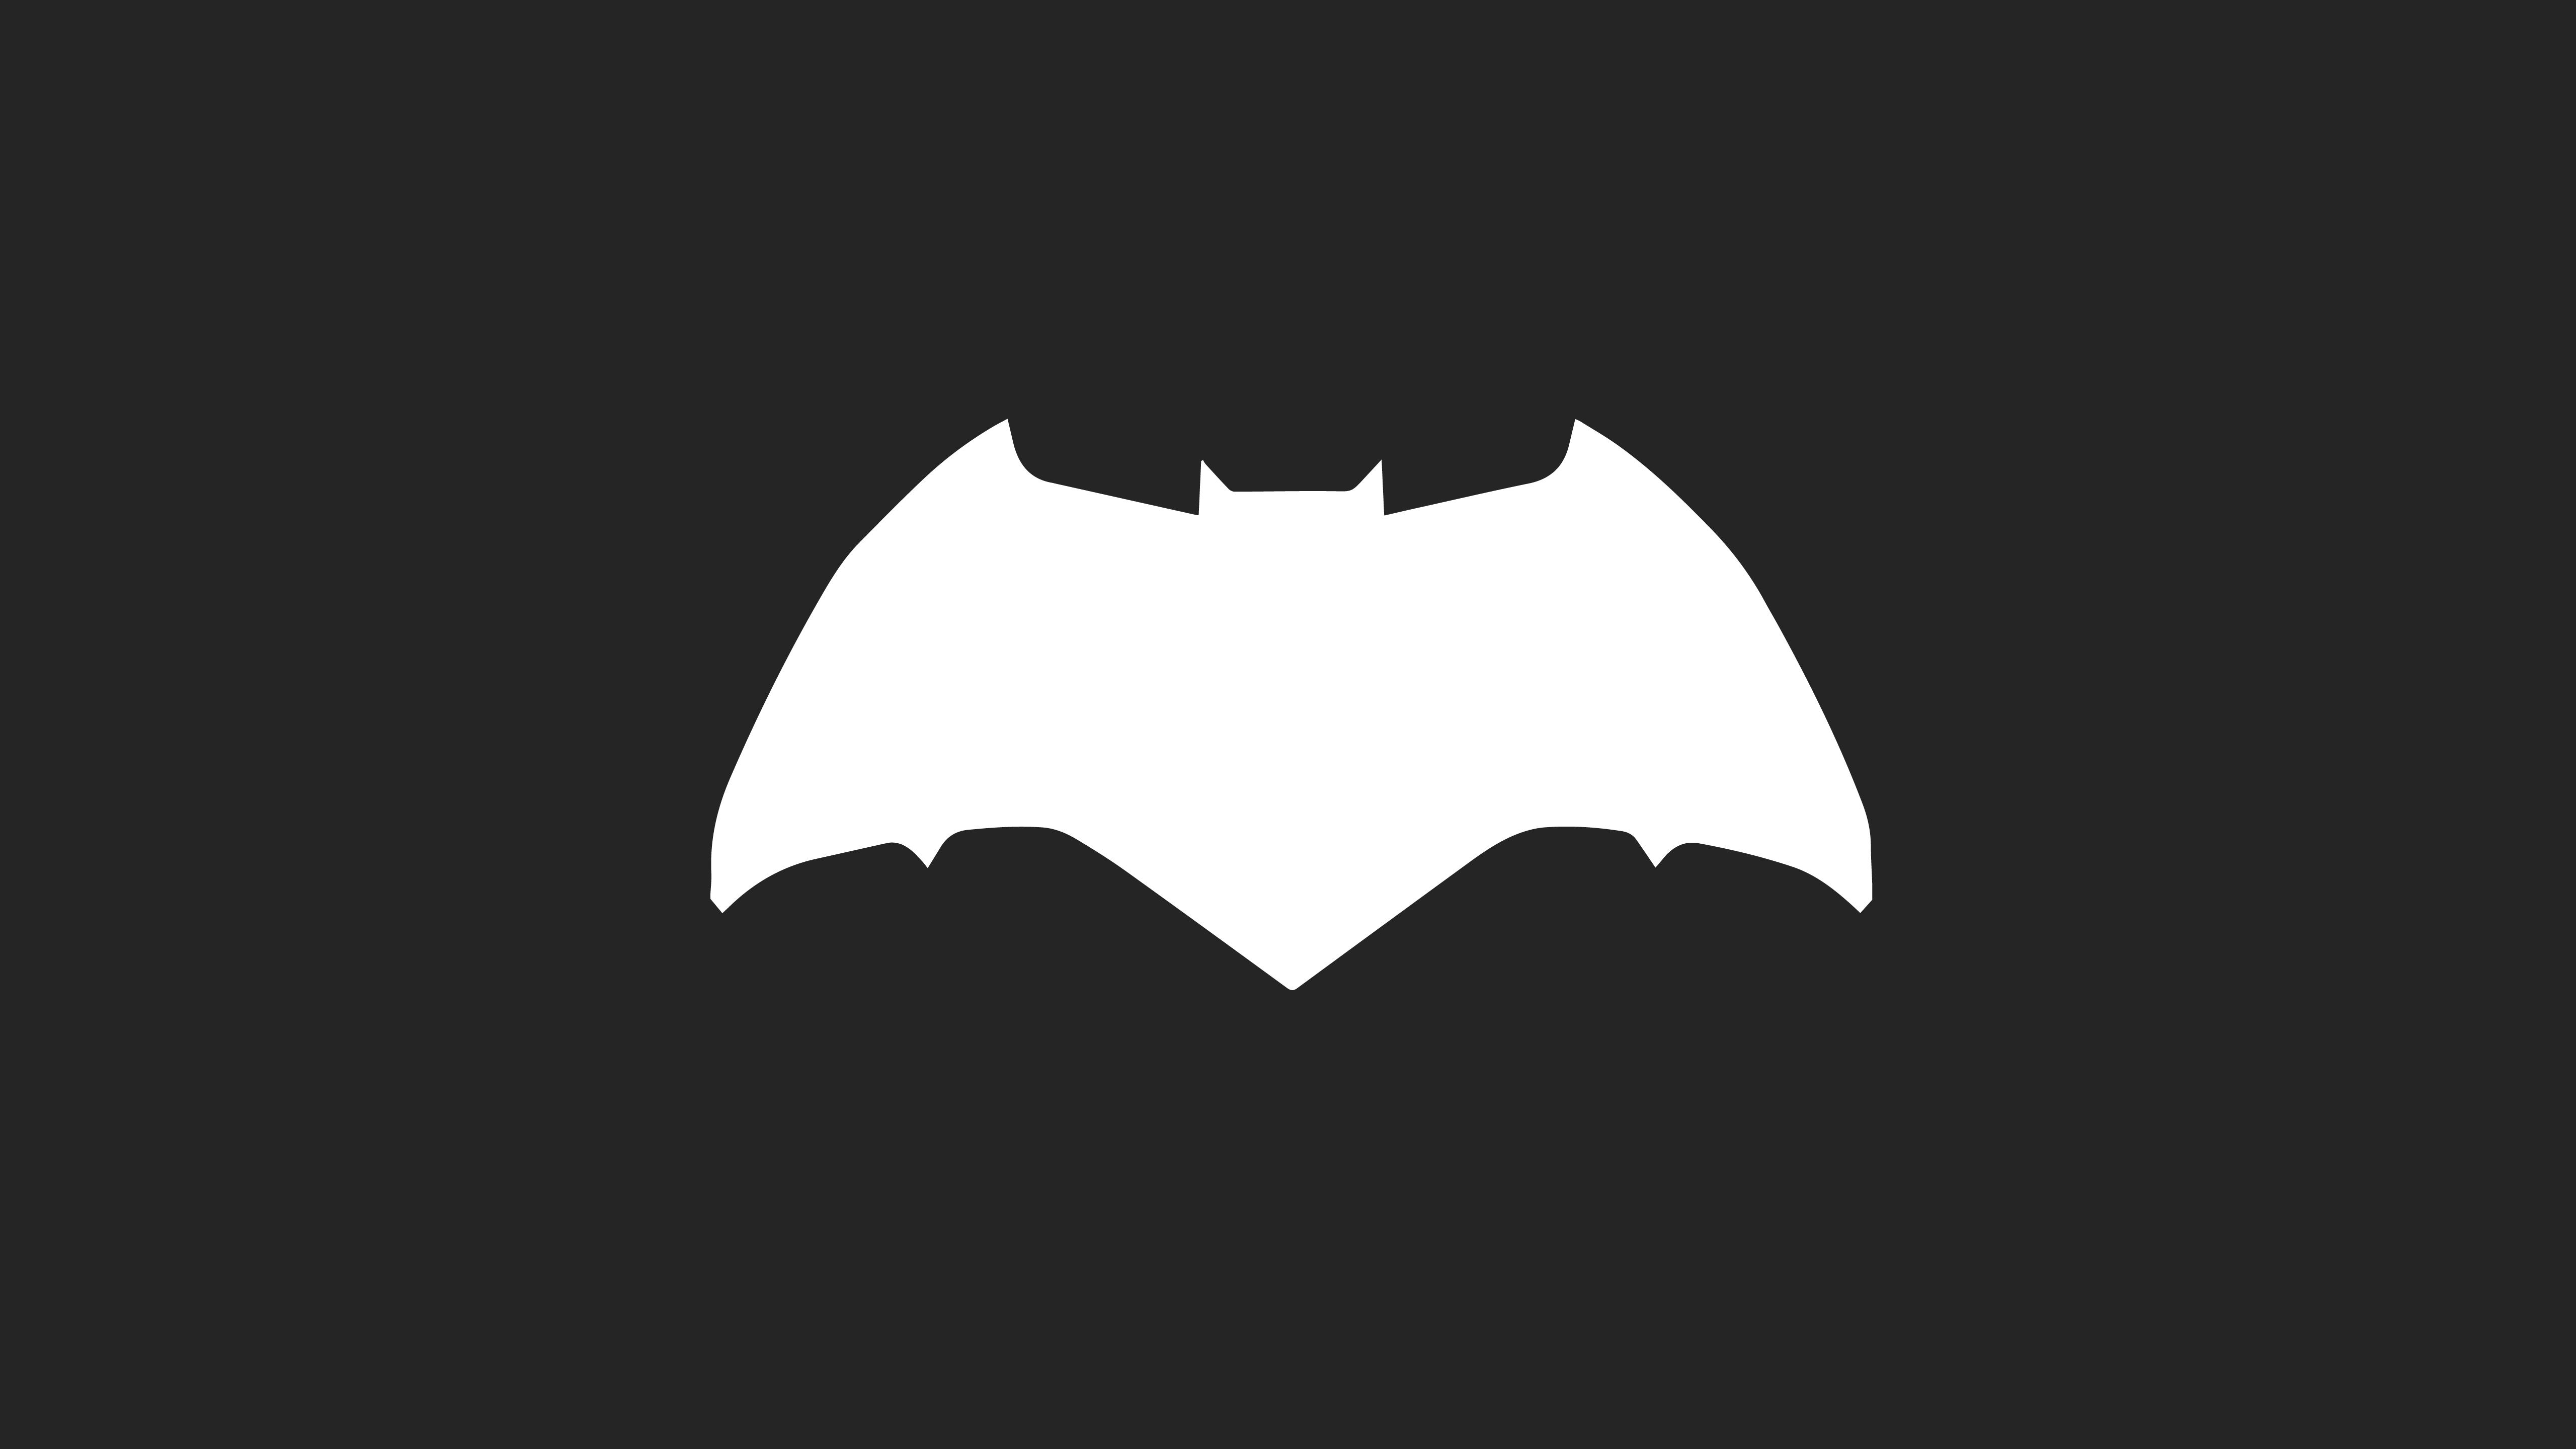 2560x1080 Batman Logo Minimalism 2560x1080 Resolution HD 4k.